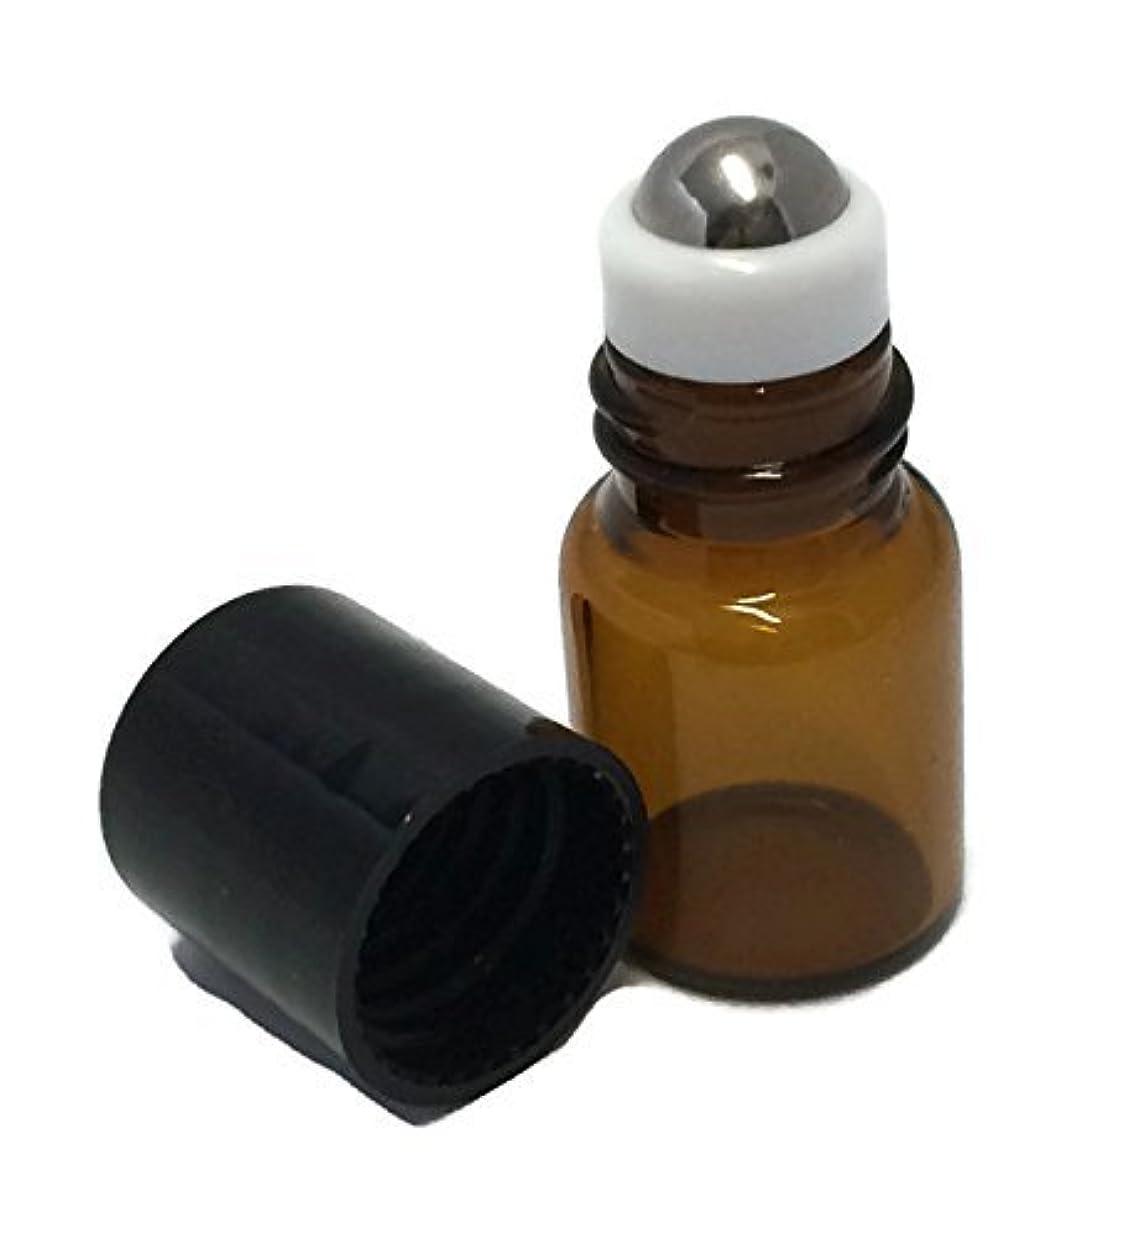 形状絶対の小川USA 72ea - Amber Glass 2 ml, 5/8 Dram Mini Roll-On Glass Bottles with Stainless Steel Roller Balls - Refillable...